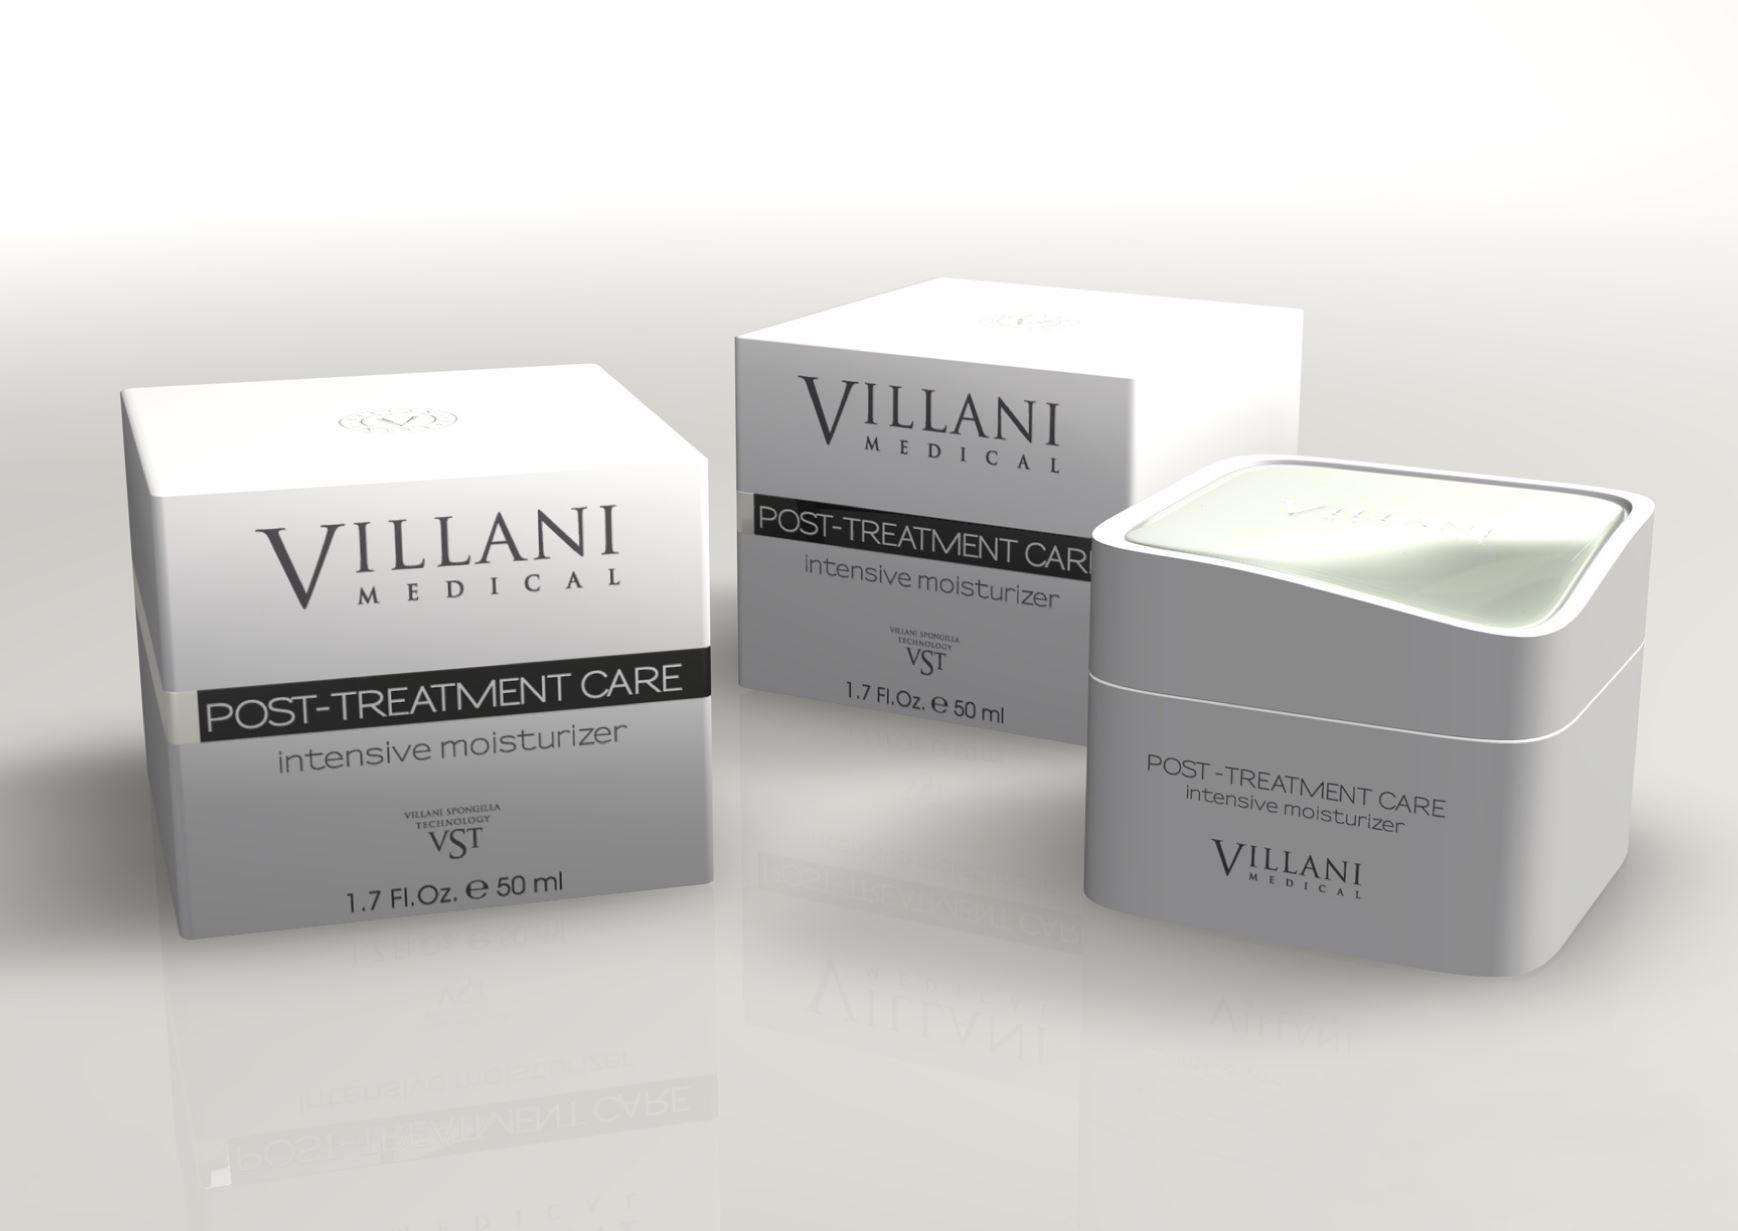 Villani Post-Treatment Care™ - in development